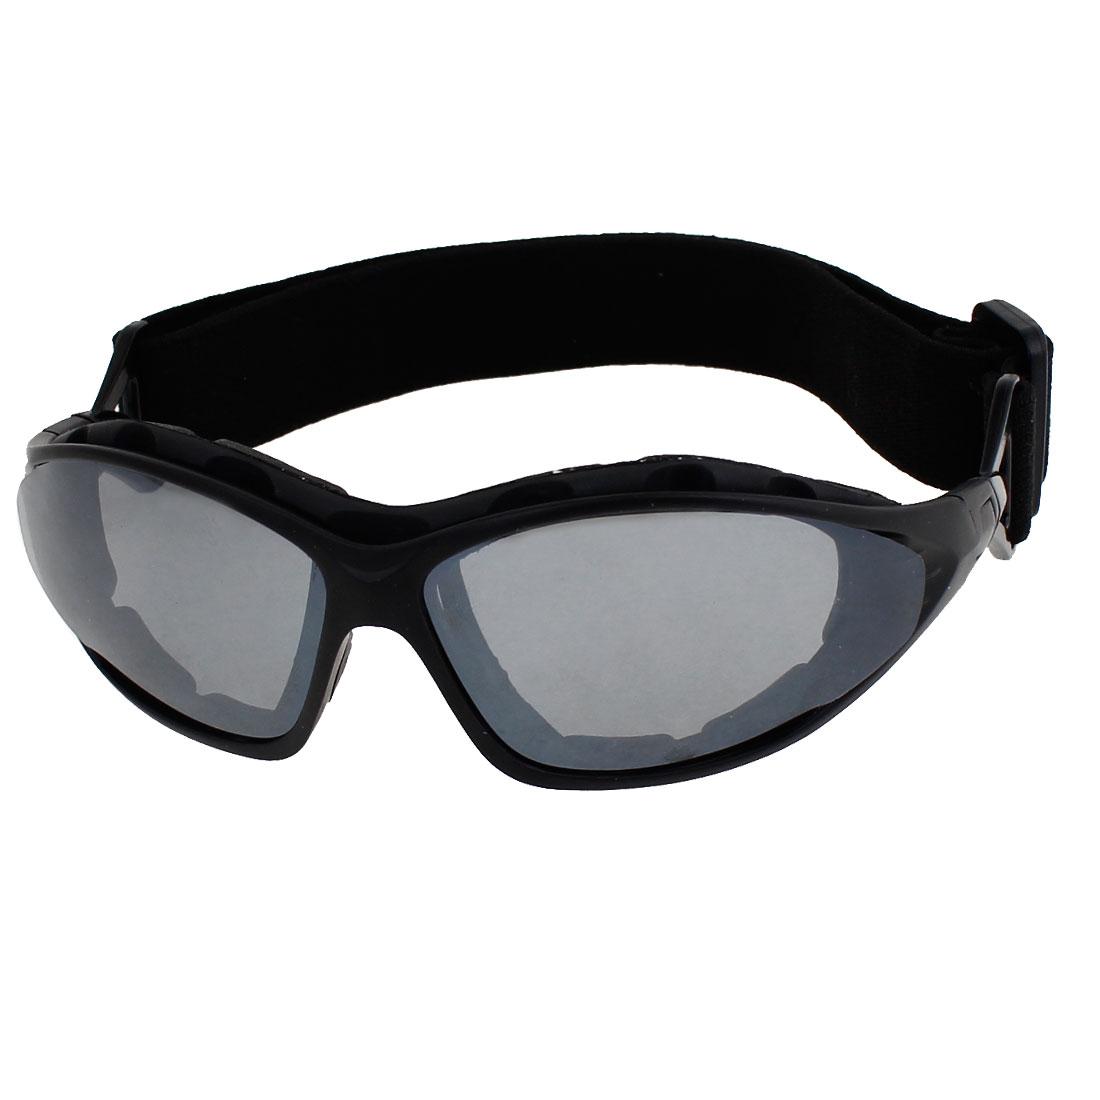 Dark Gray Lenns Full Frame Motorbike Protecting Glasses Goggles for Man